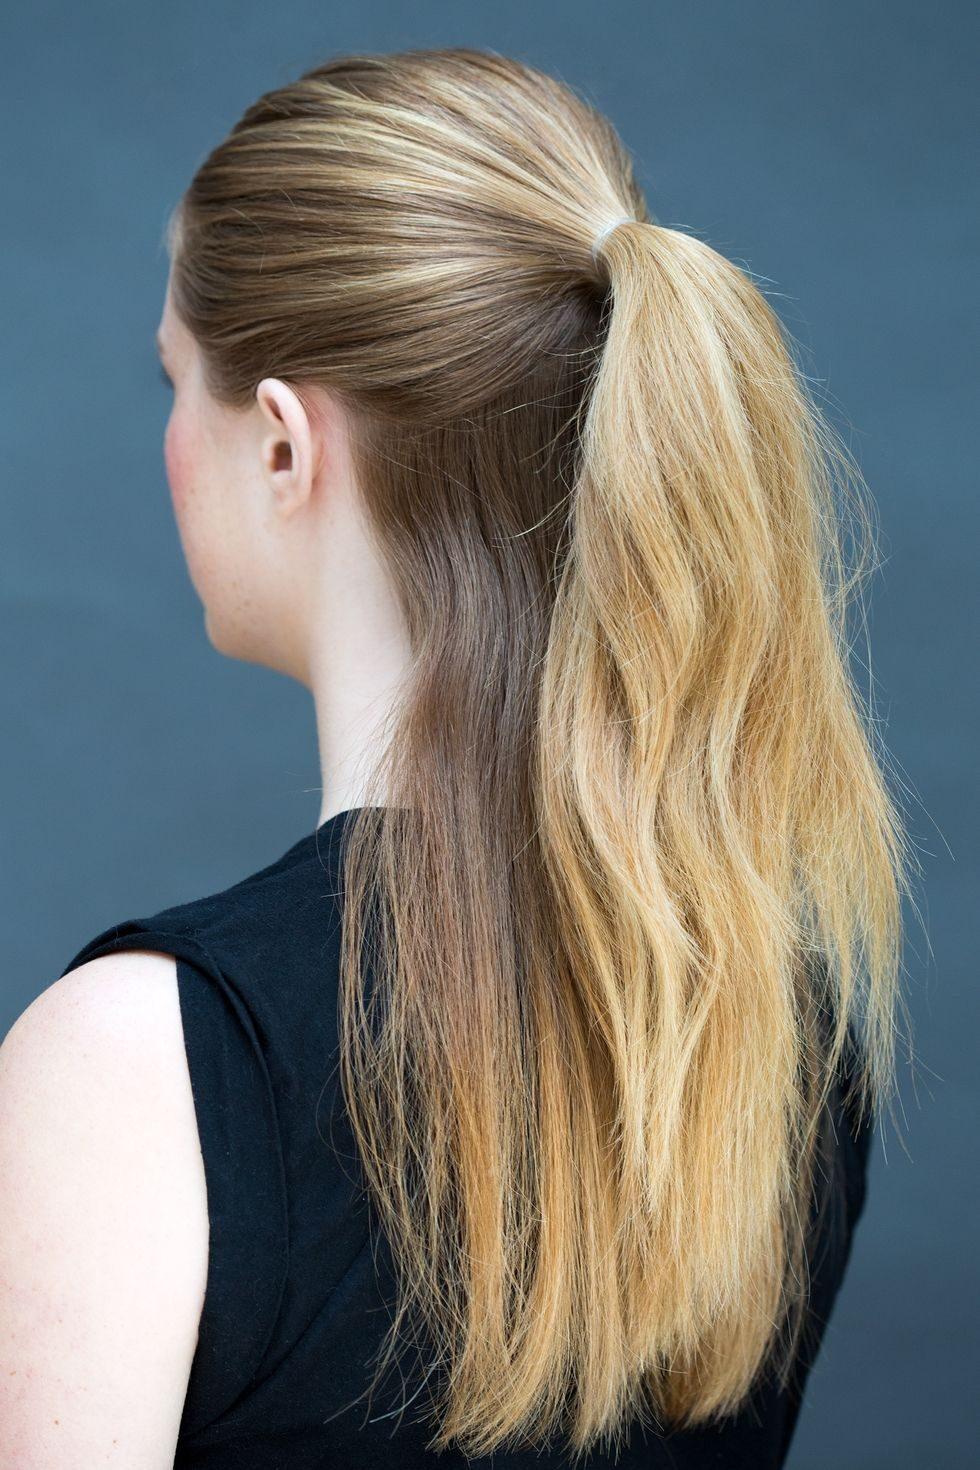 Μπορείτε να το δοκιμάσετε ακόμα και αν έχετε μαλλιά μεσαίου μήκους! Σε αυτή  την περίπτωση απλά e595ce8c3b1